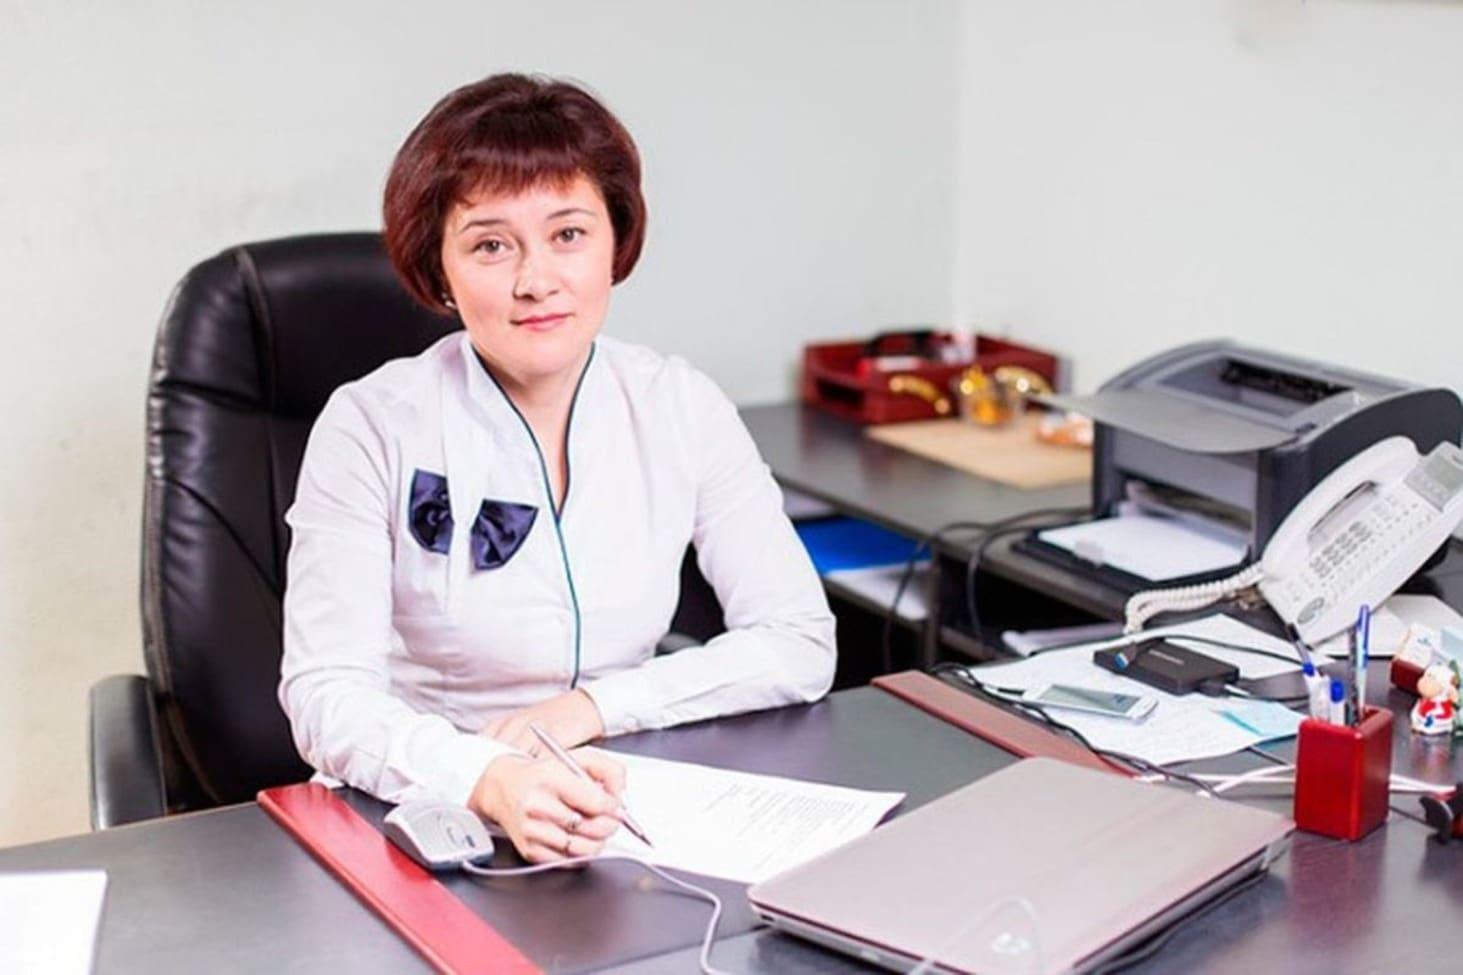 ministr-obrazovaniya-bashkirii-sdelala-dve-orfograficheskie-oshibki-v-publikatsii-pozzhe-ona-nazvala-eto-eksperimentom